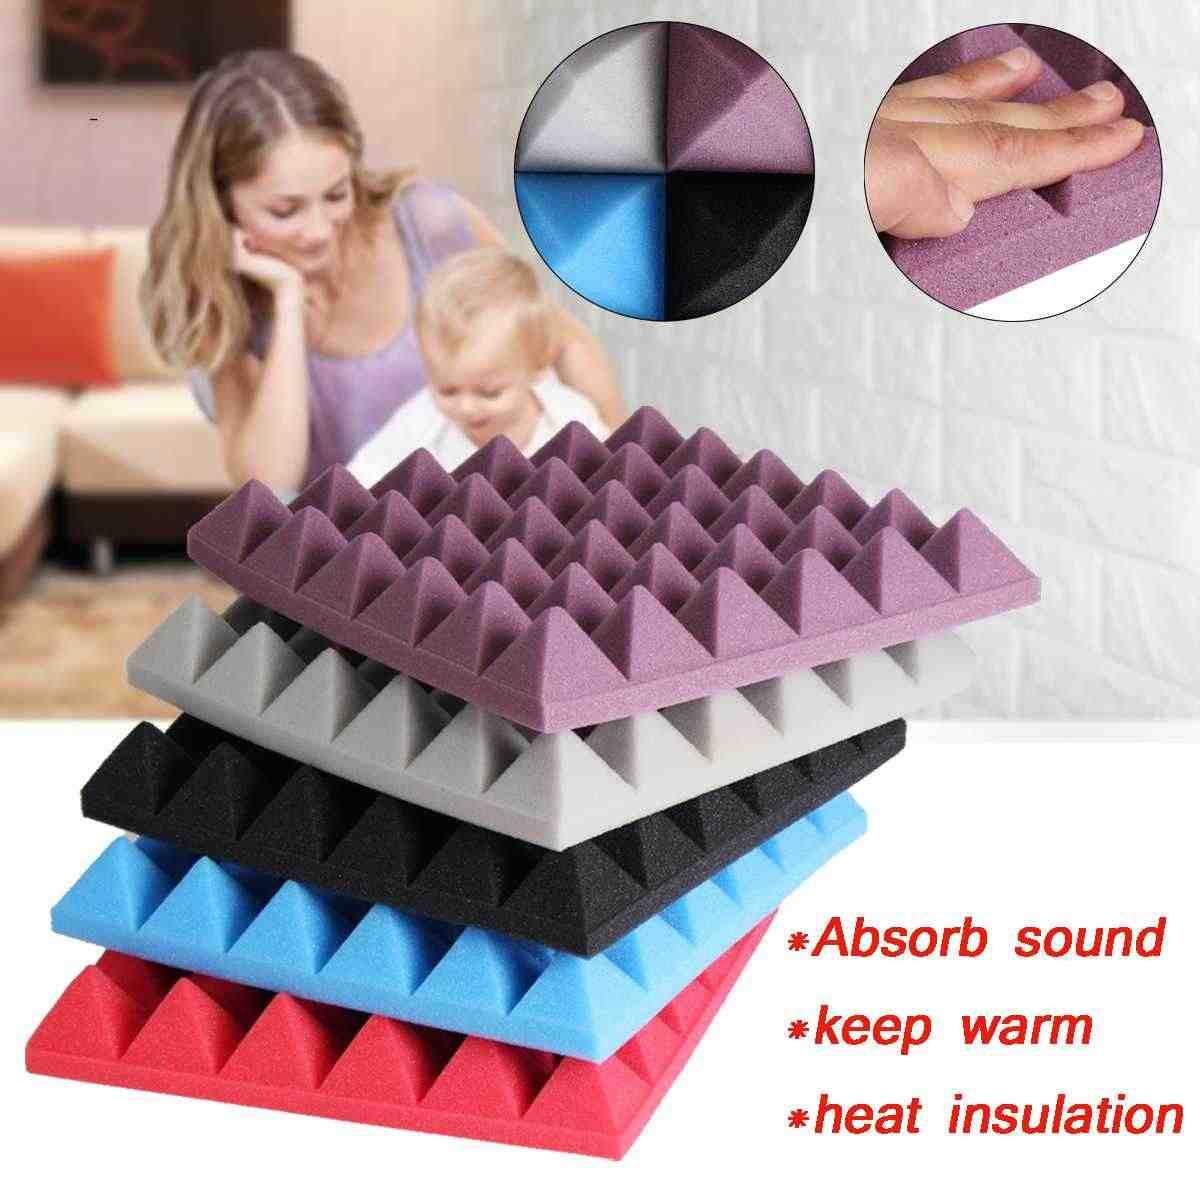 300X300X50mm o wysokiej gęstości o wysokiej gęstości o zmniejszonej palności z pianka Pyramid izolacji dźwiękowej nie należy składać Studio akustyczna pochłaniania dźwięku płomień